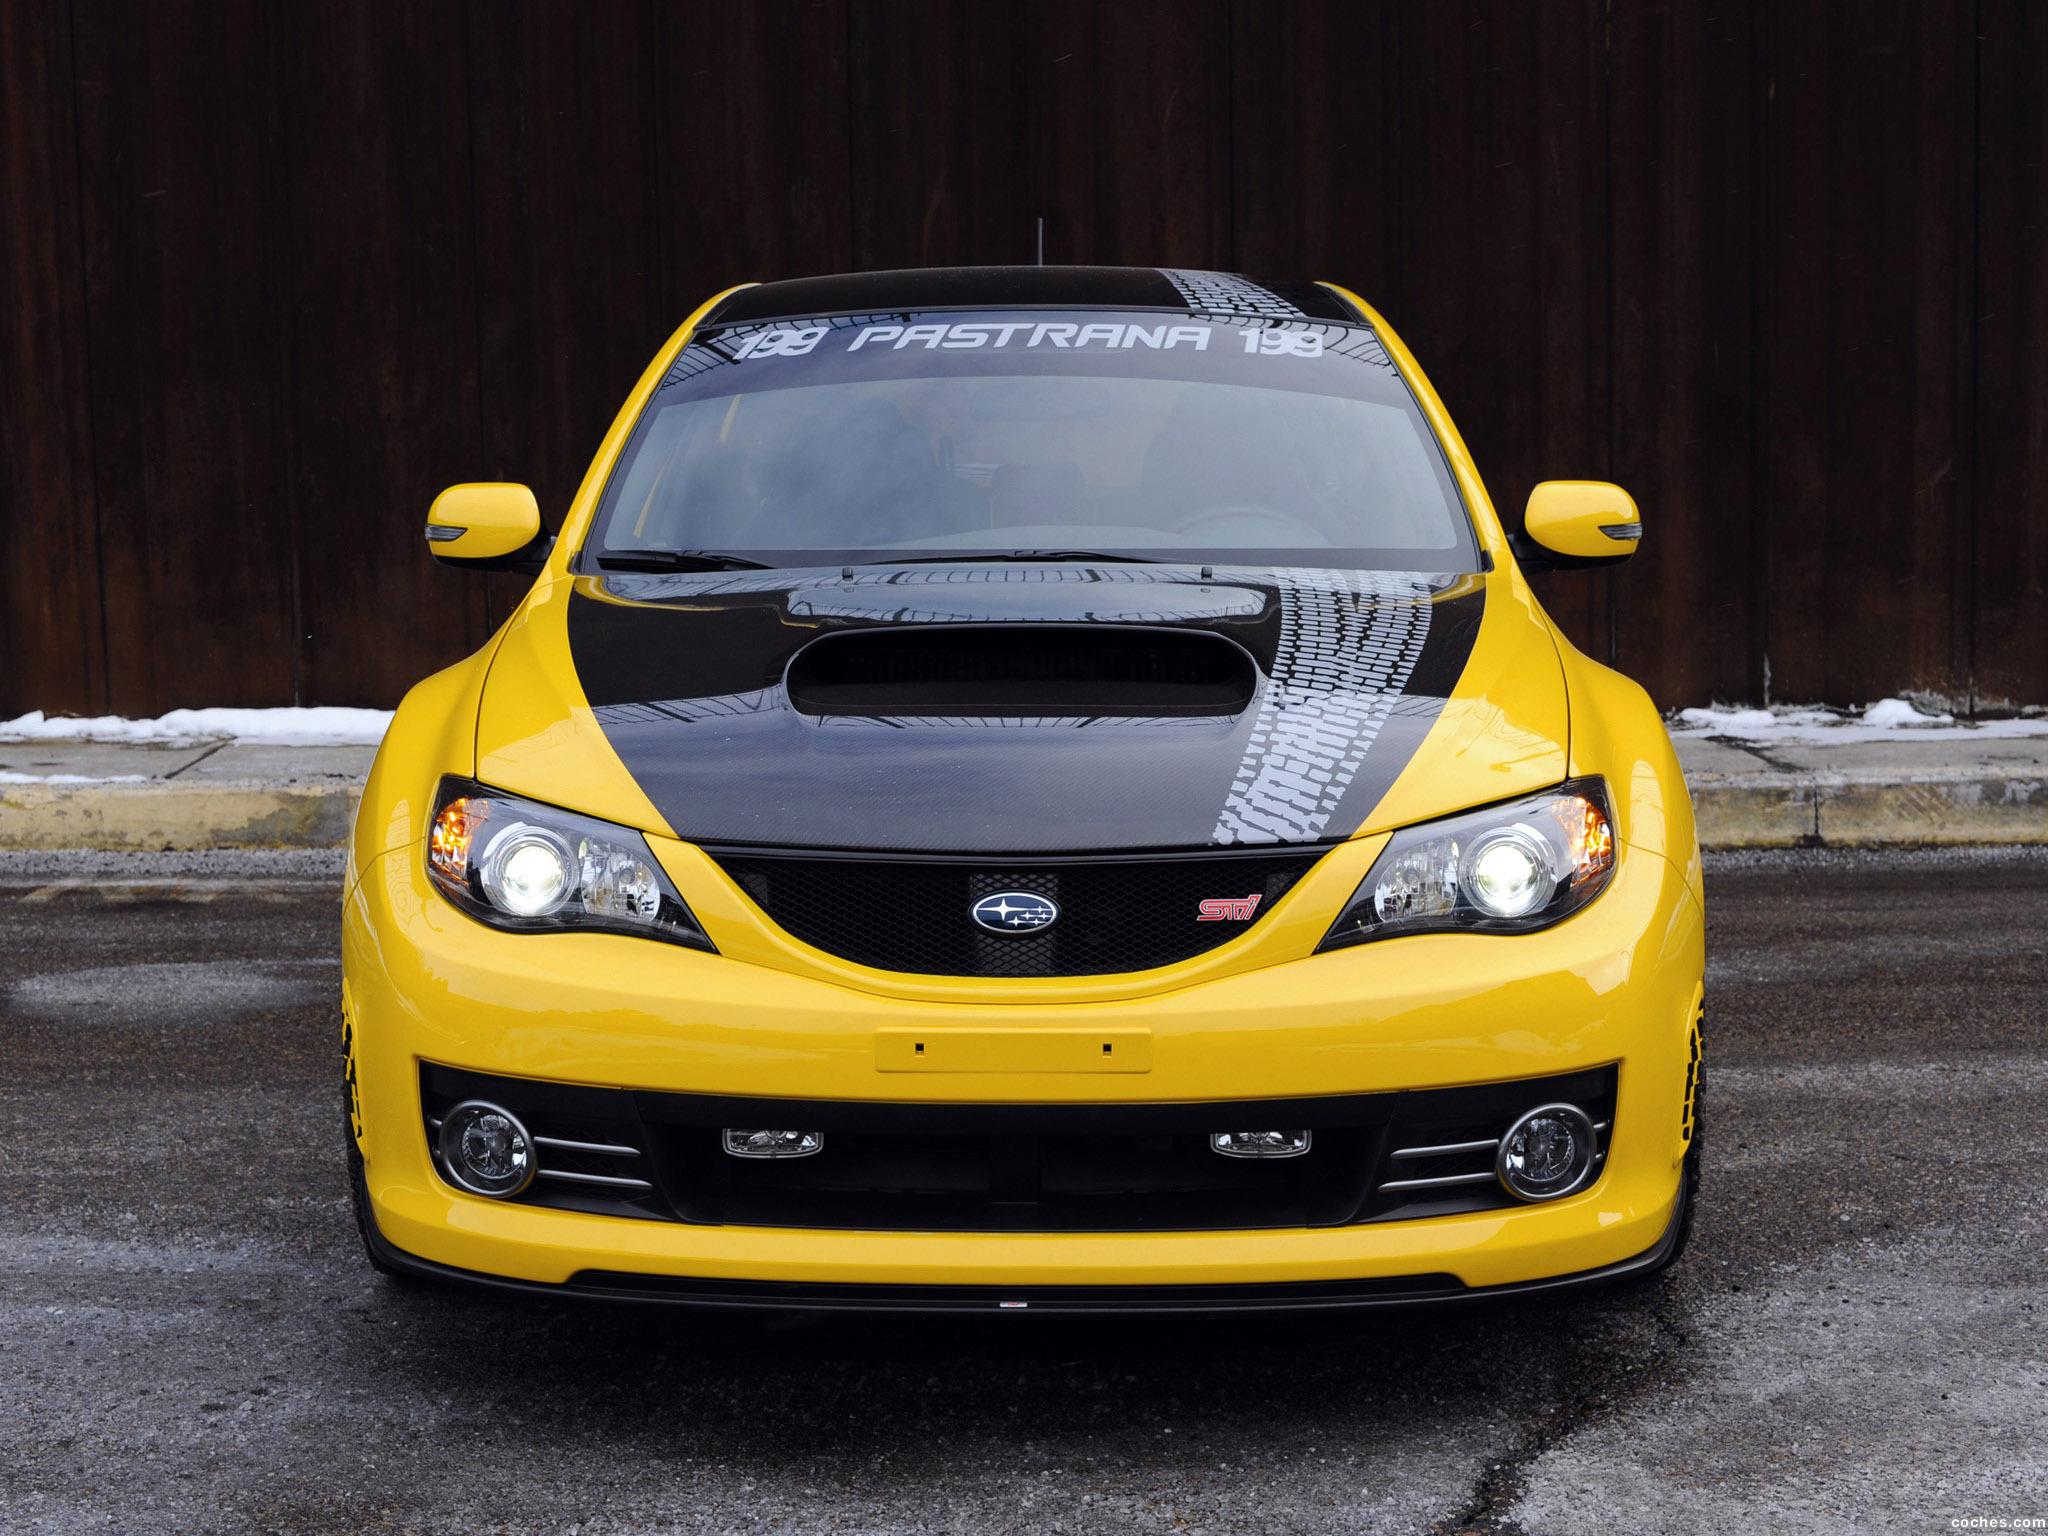 Foto 0 de Subaru Impreza WRX STi Pastrana 199 2009